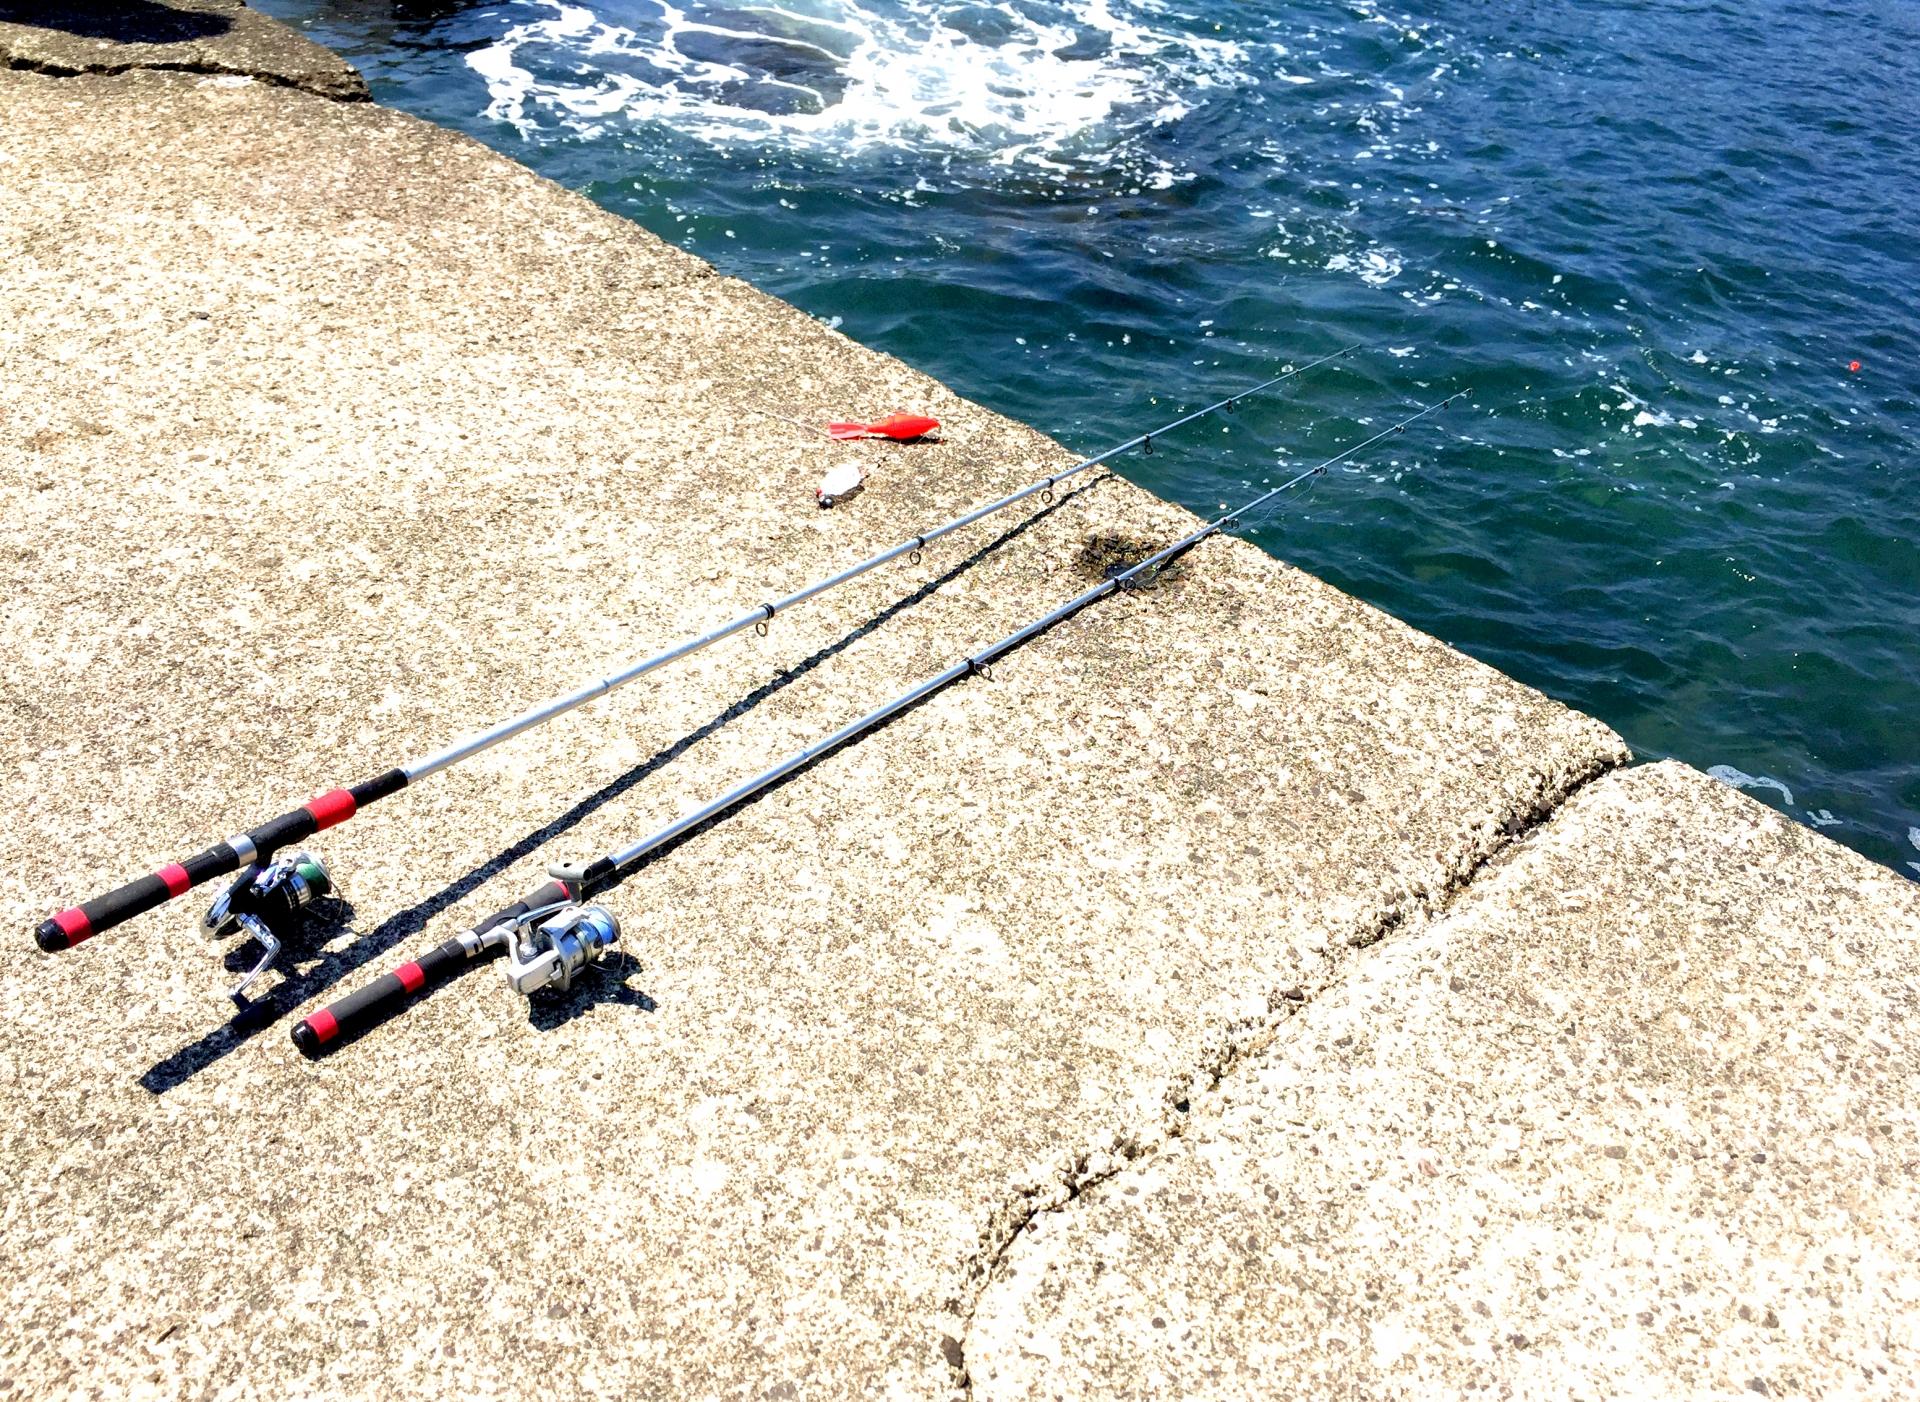 東扇島で釣りのススメ!駐車場有り・餌の自販機完備も人気のポイント!